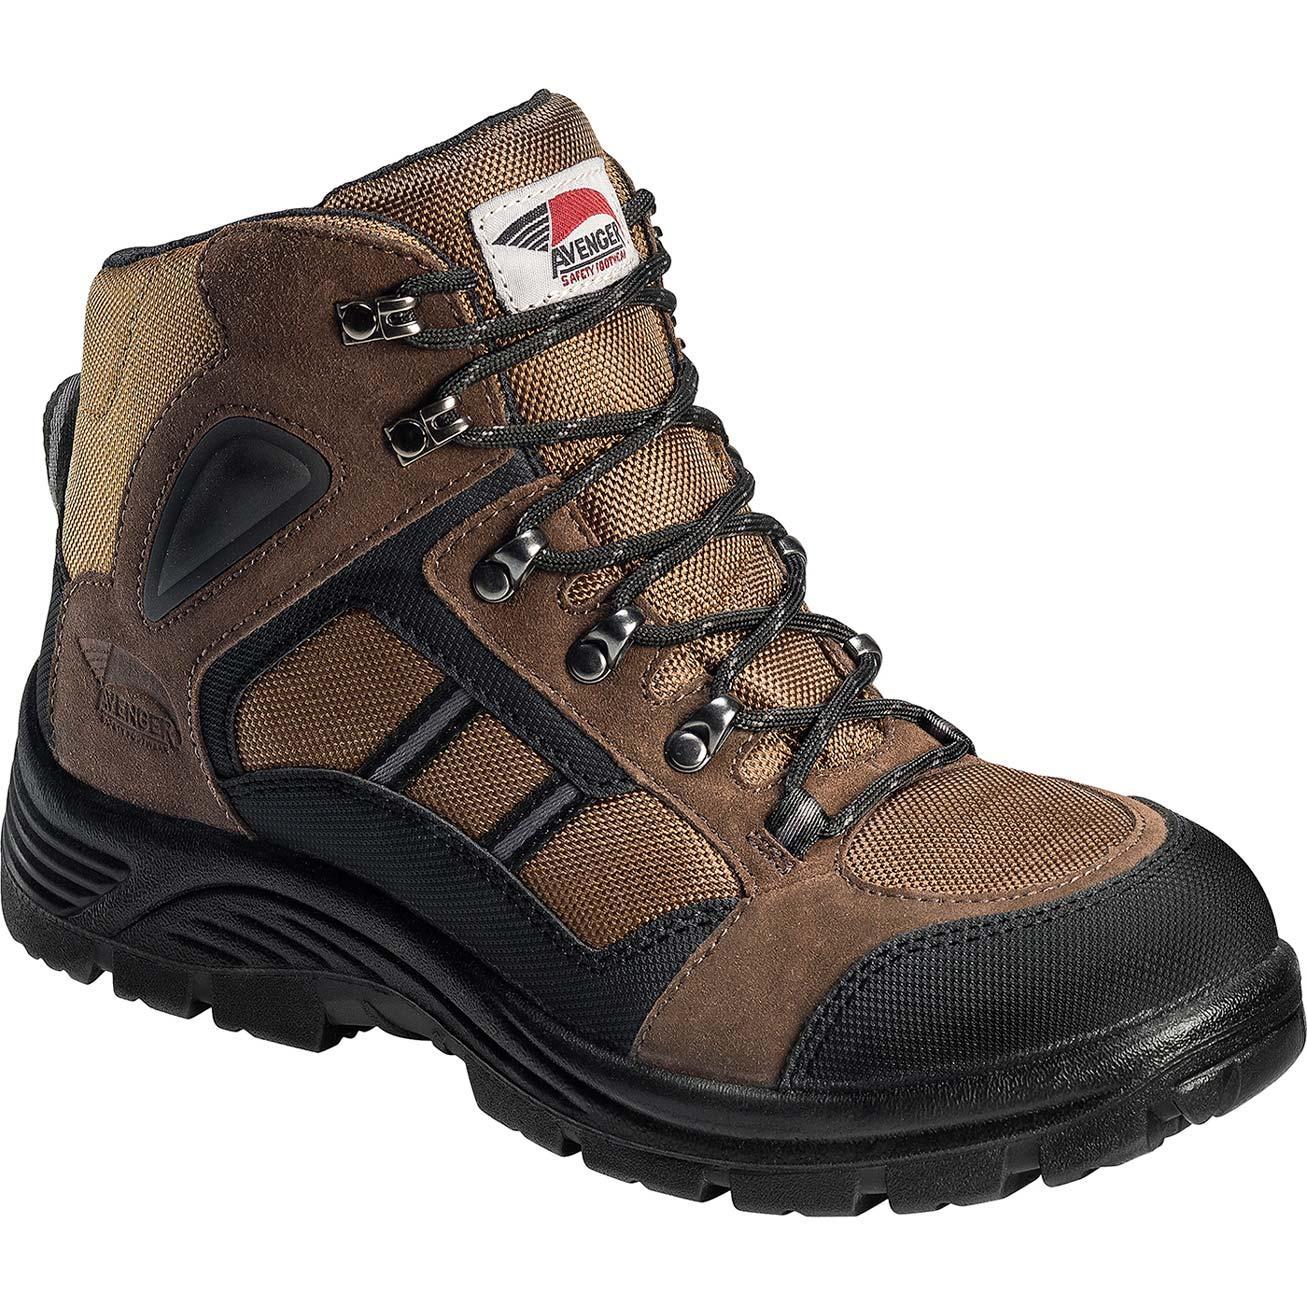 Avenger Steel Toe Hiker Work Boot A7241